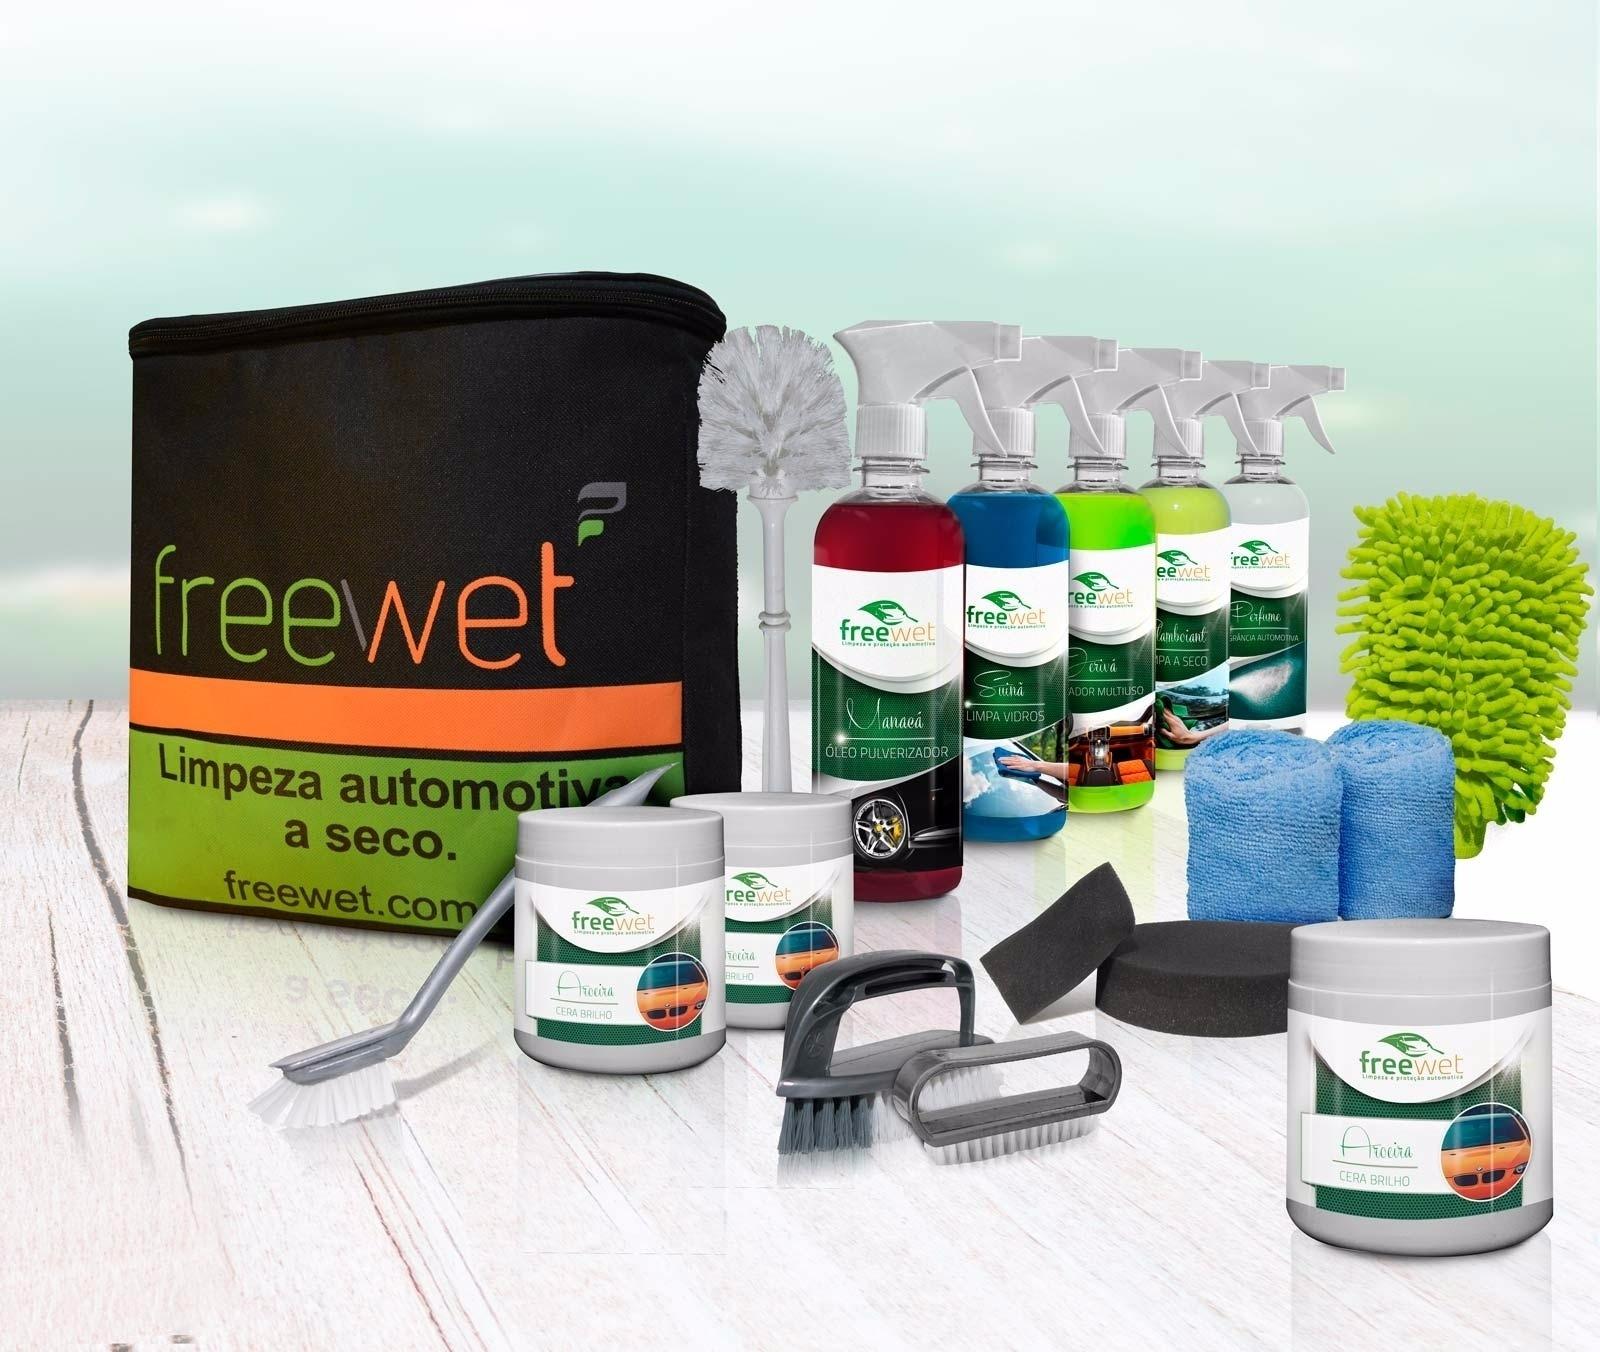 Freewet limpeza e proteção automotiva a seco